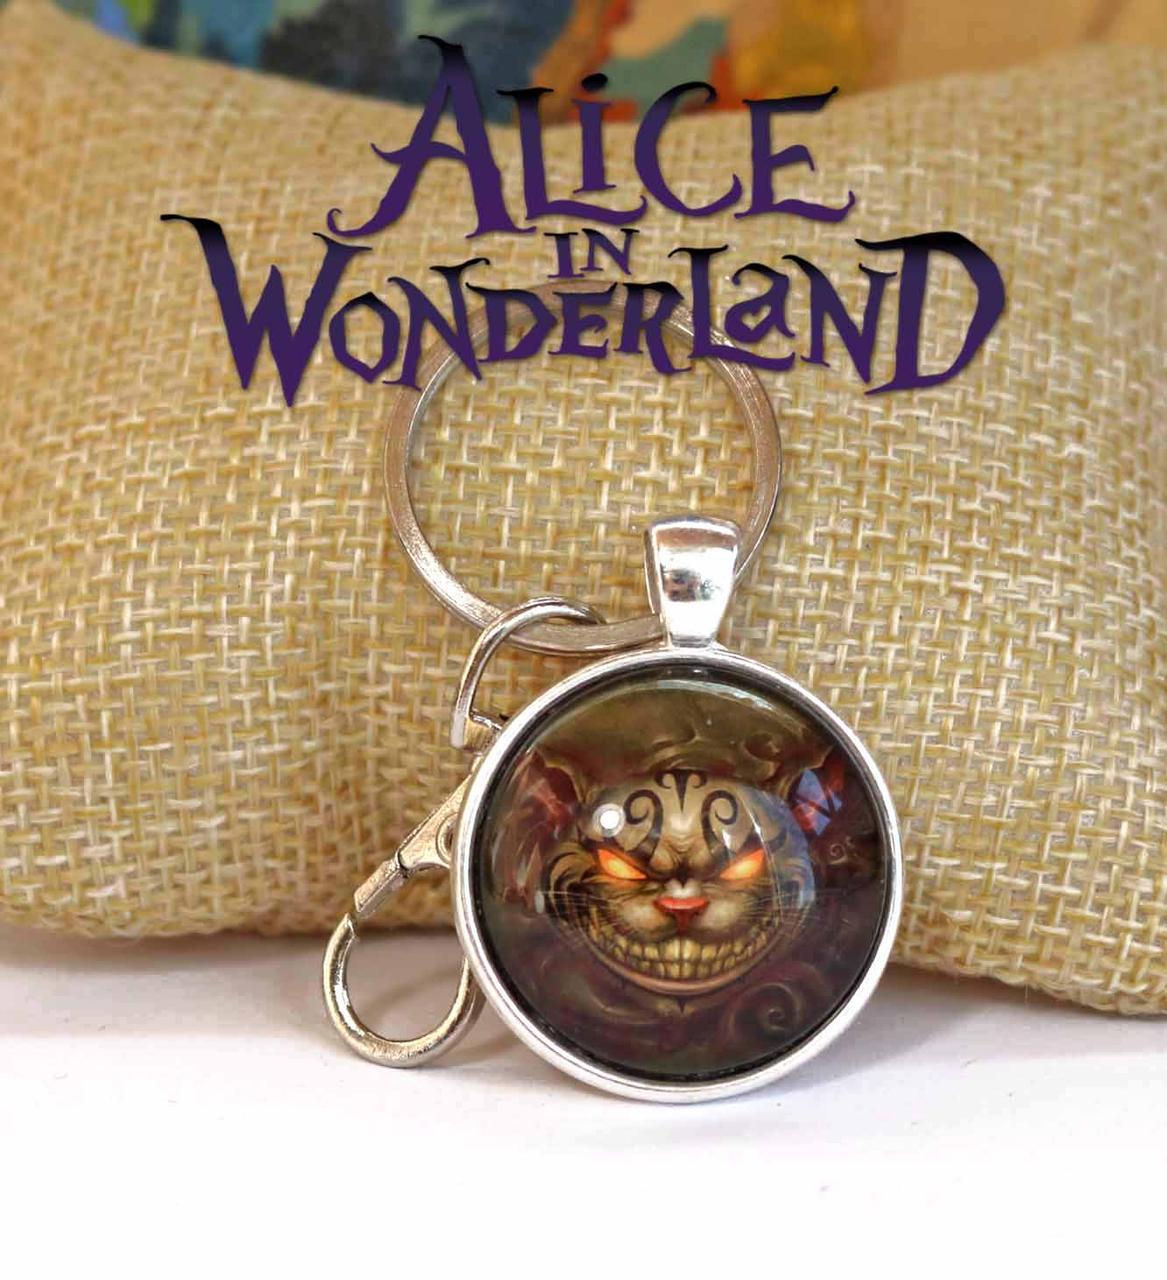 Брелок с Чеширским котом Алиса в стране чудес / Alice in Wonderland